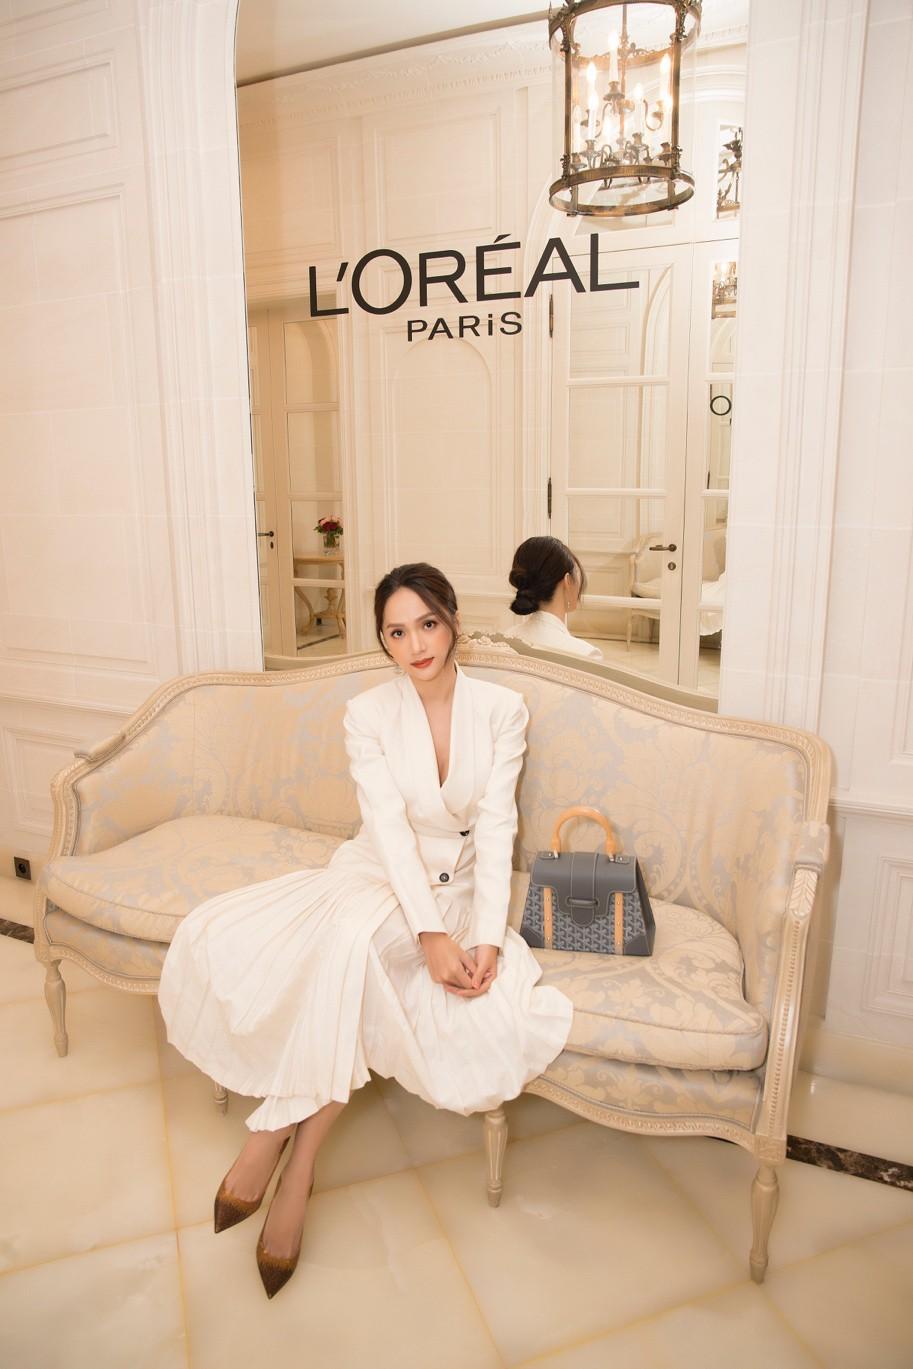 """Học con gái Pháp chăm làn da, mái tóc với 2 bảo bối này, Hương Giang mới nổi bật giữa """"rừng nhan sắc ở Paris Fashion Week - Ảnh 9."""